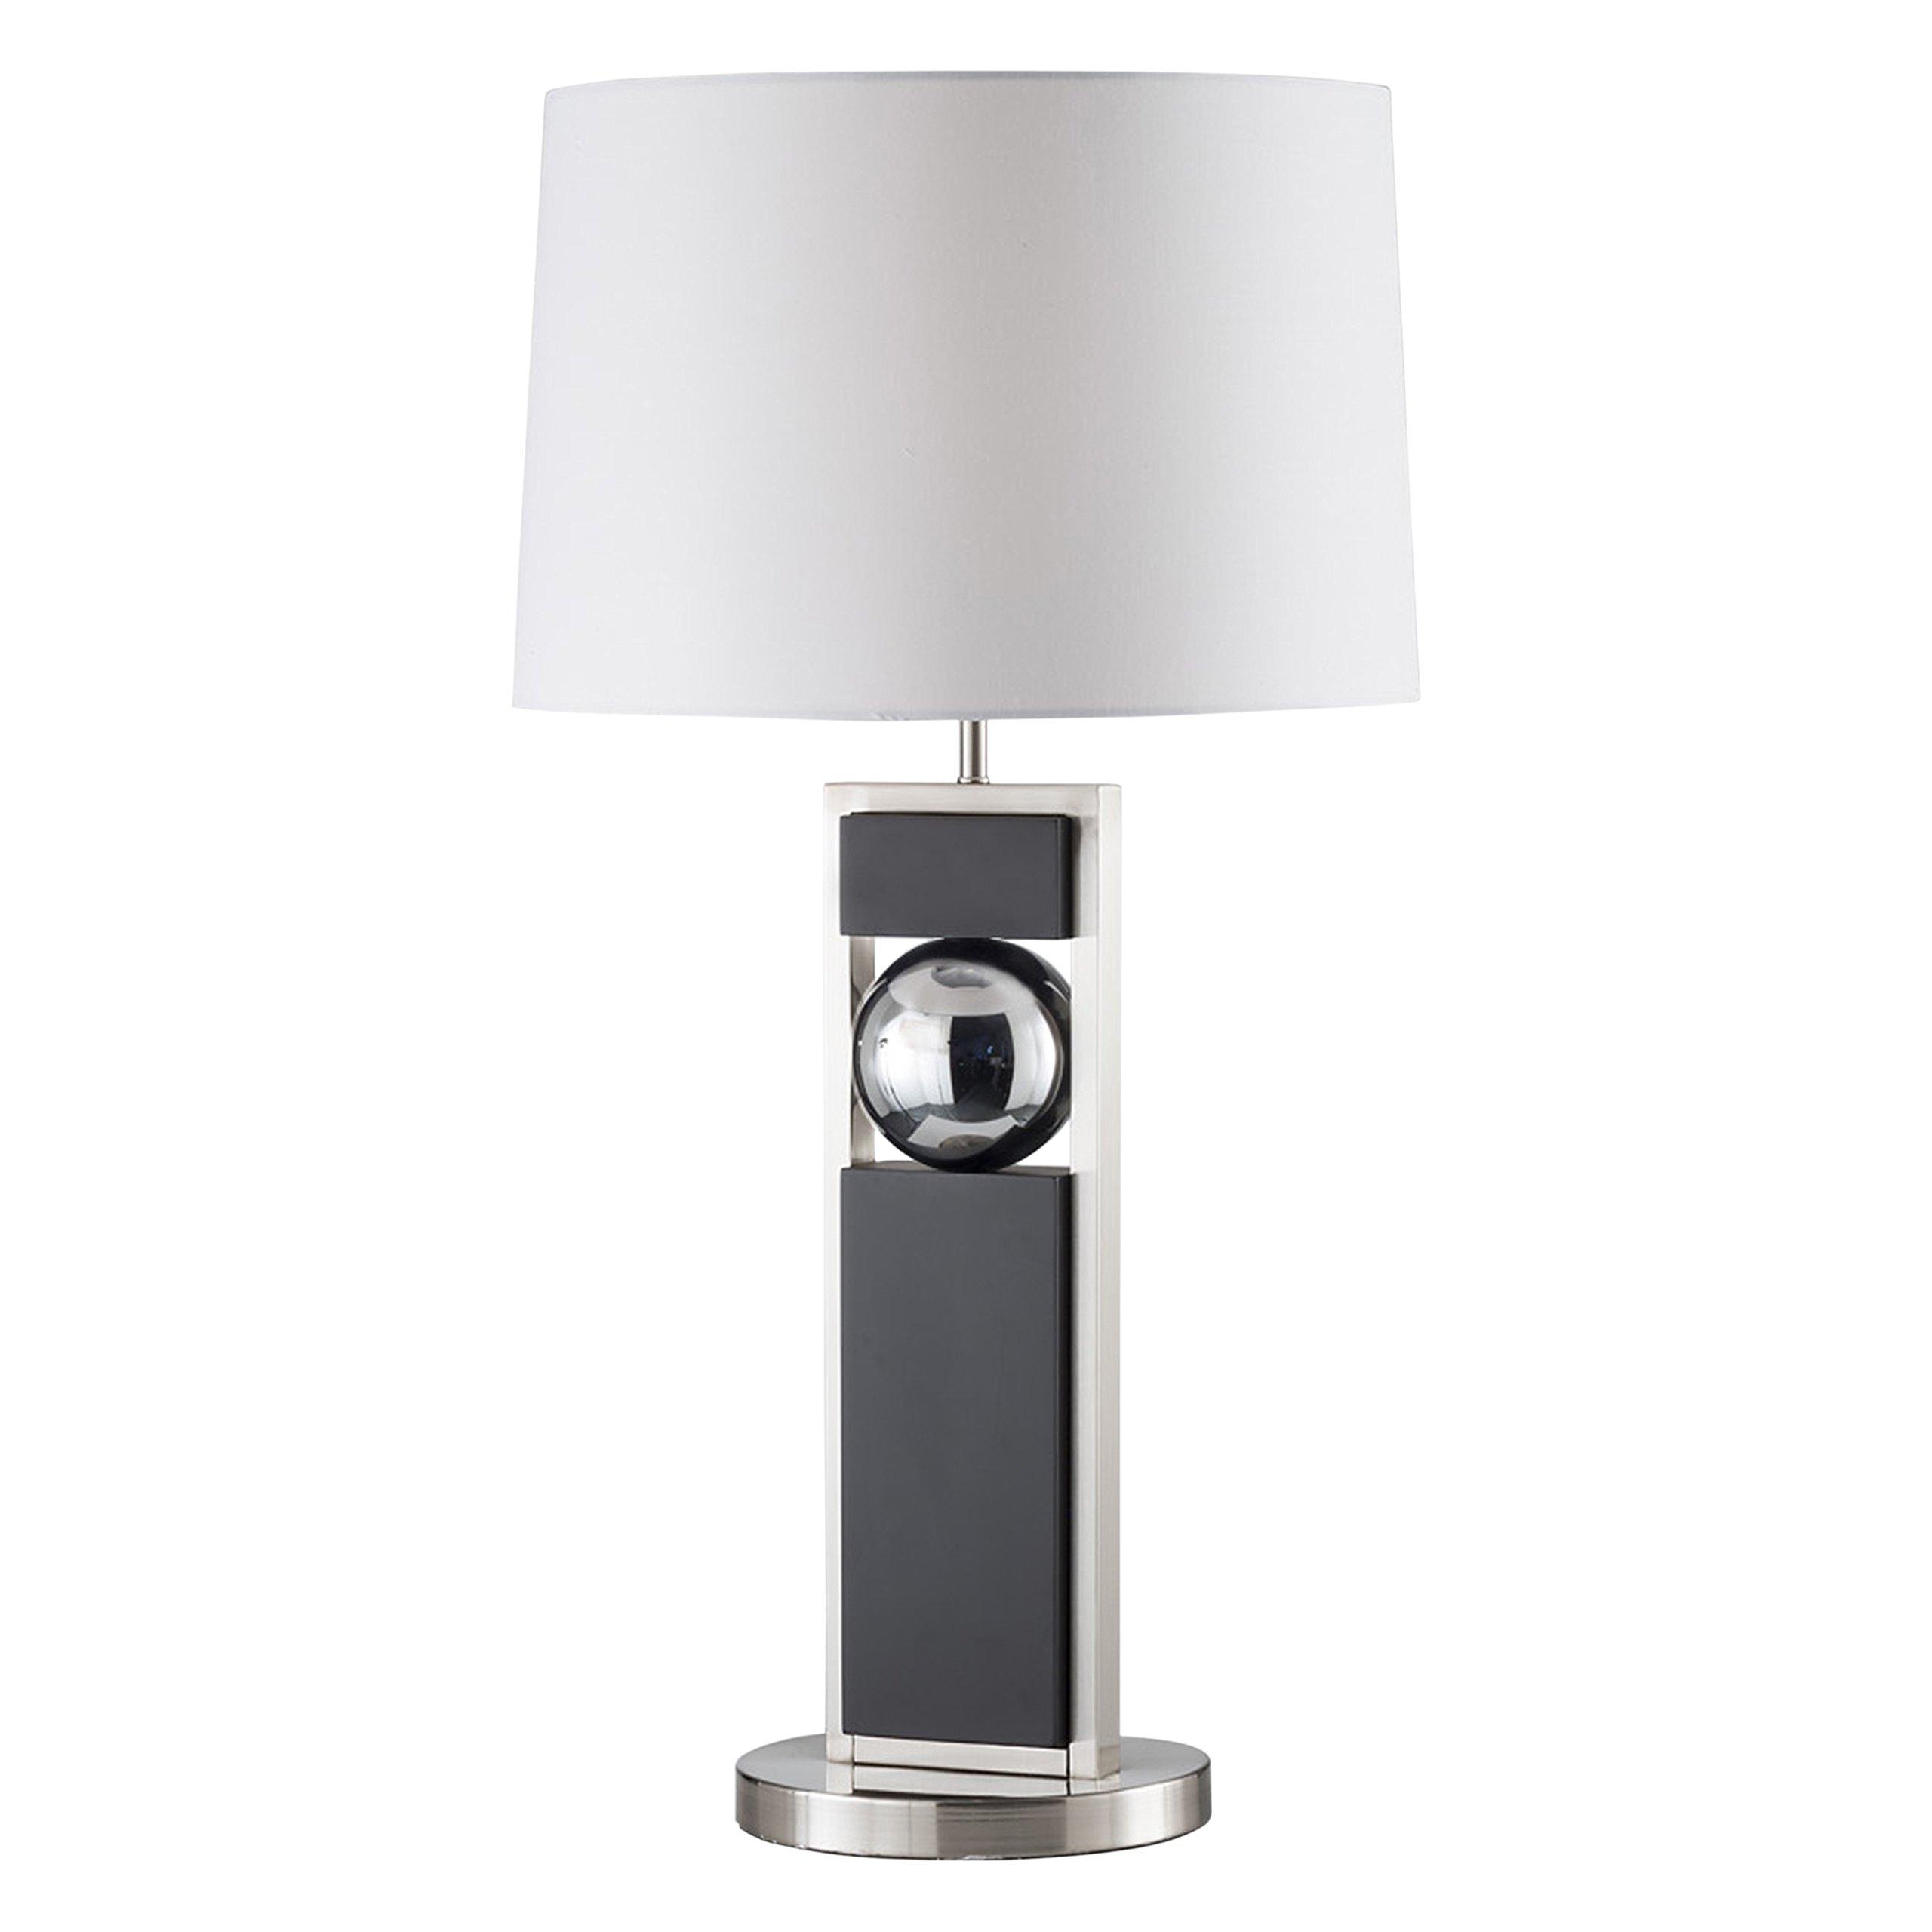 Nova Lighting 1010575 Frame Table Lamp